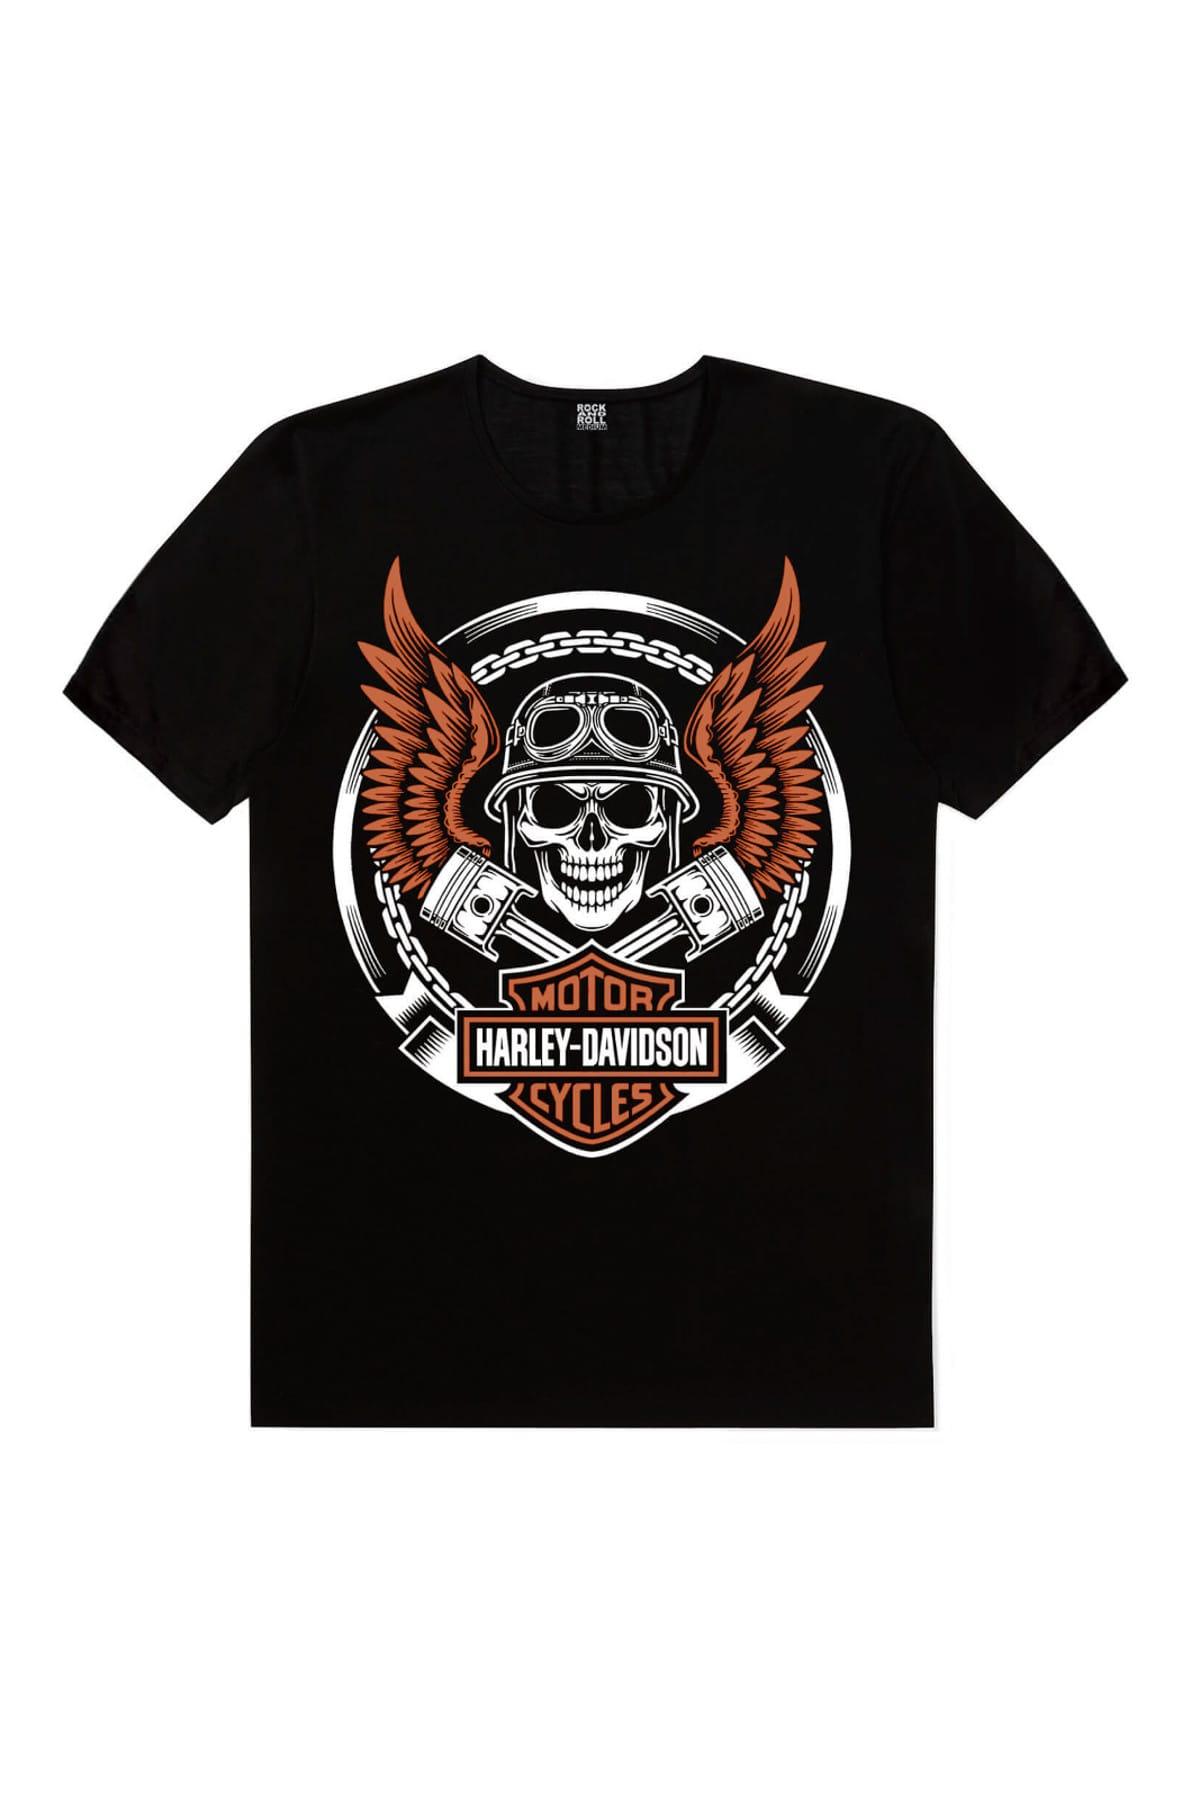 Motorcu Kurukafa Siyah Kısa Kollu Tişört